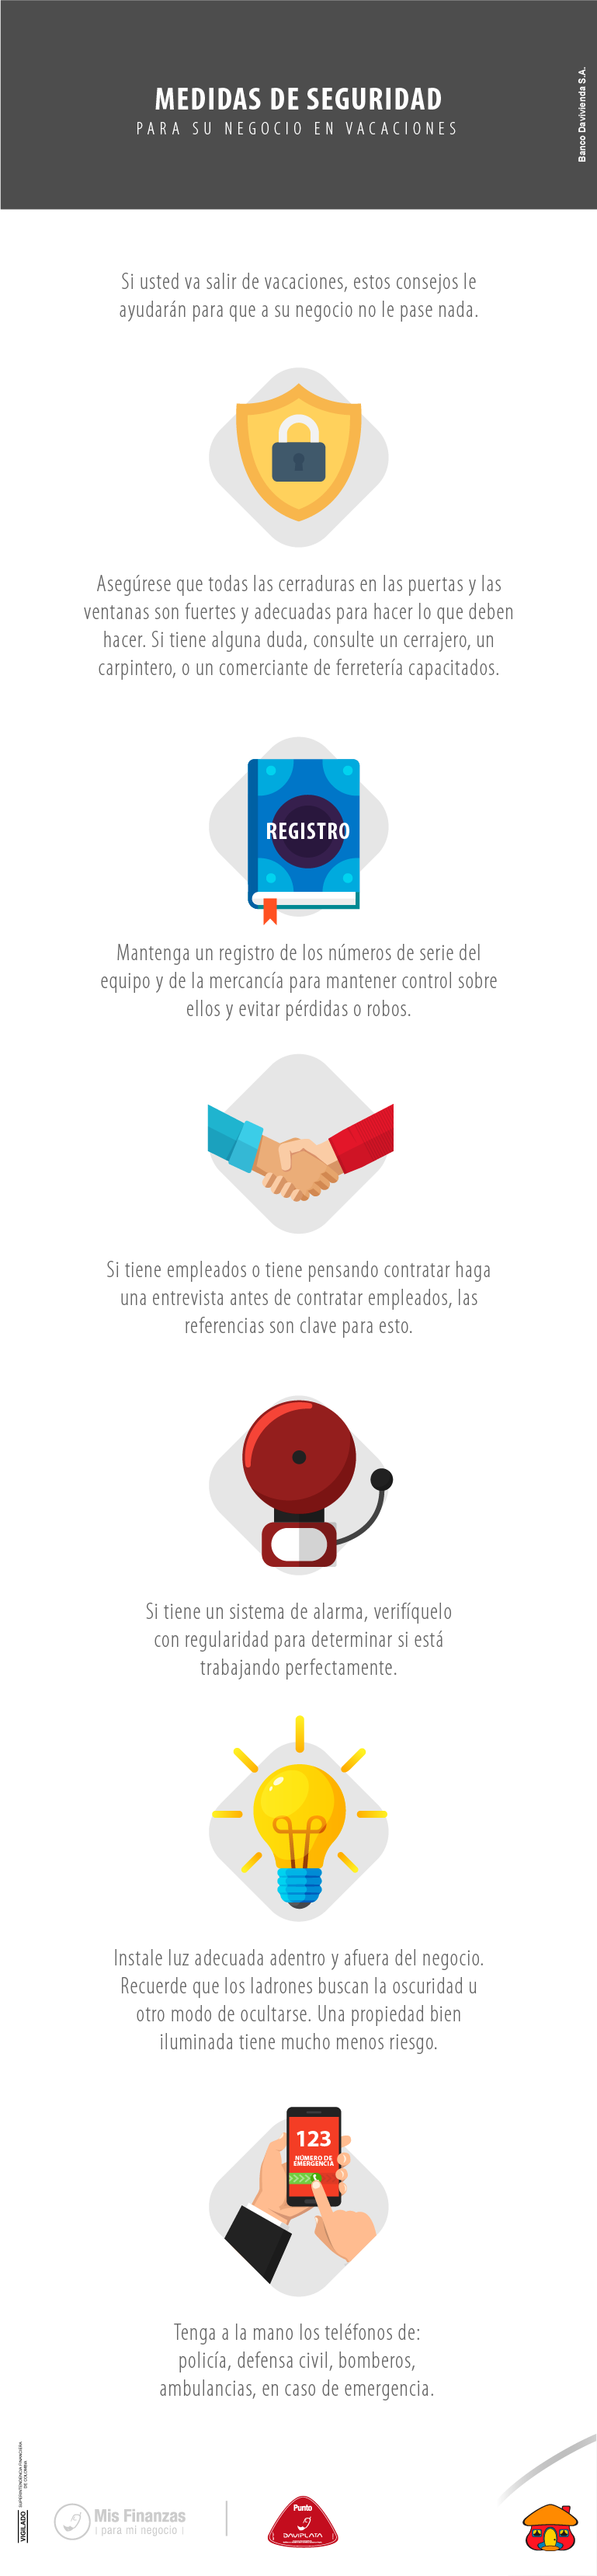 infografi Daviviendan DIC-02